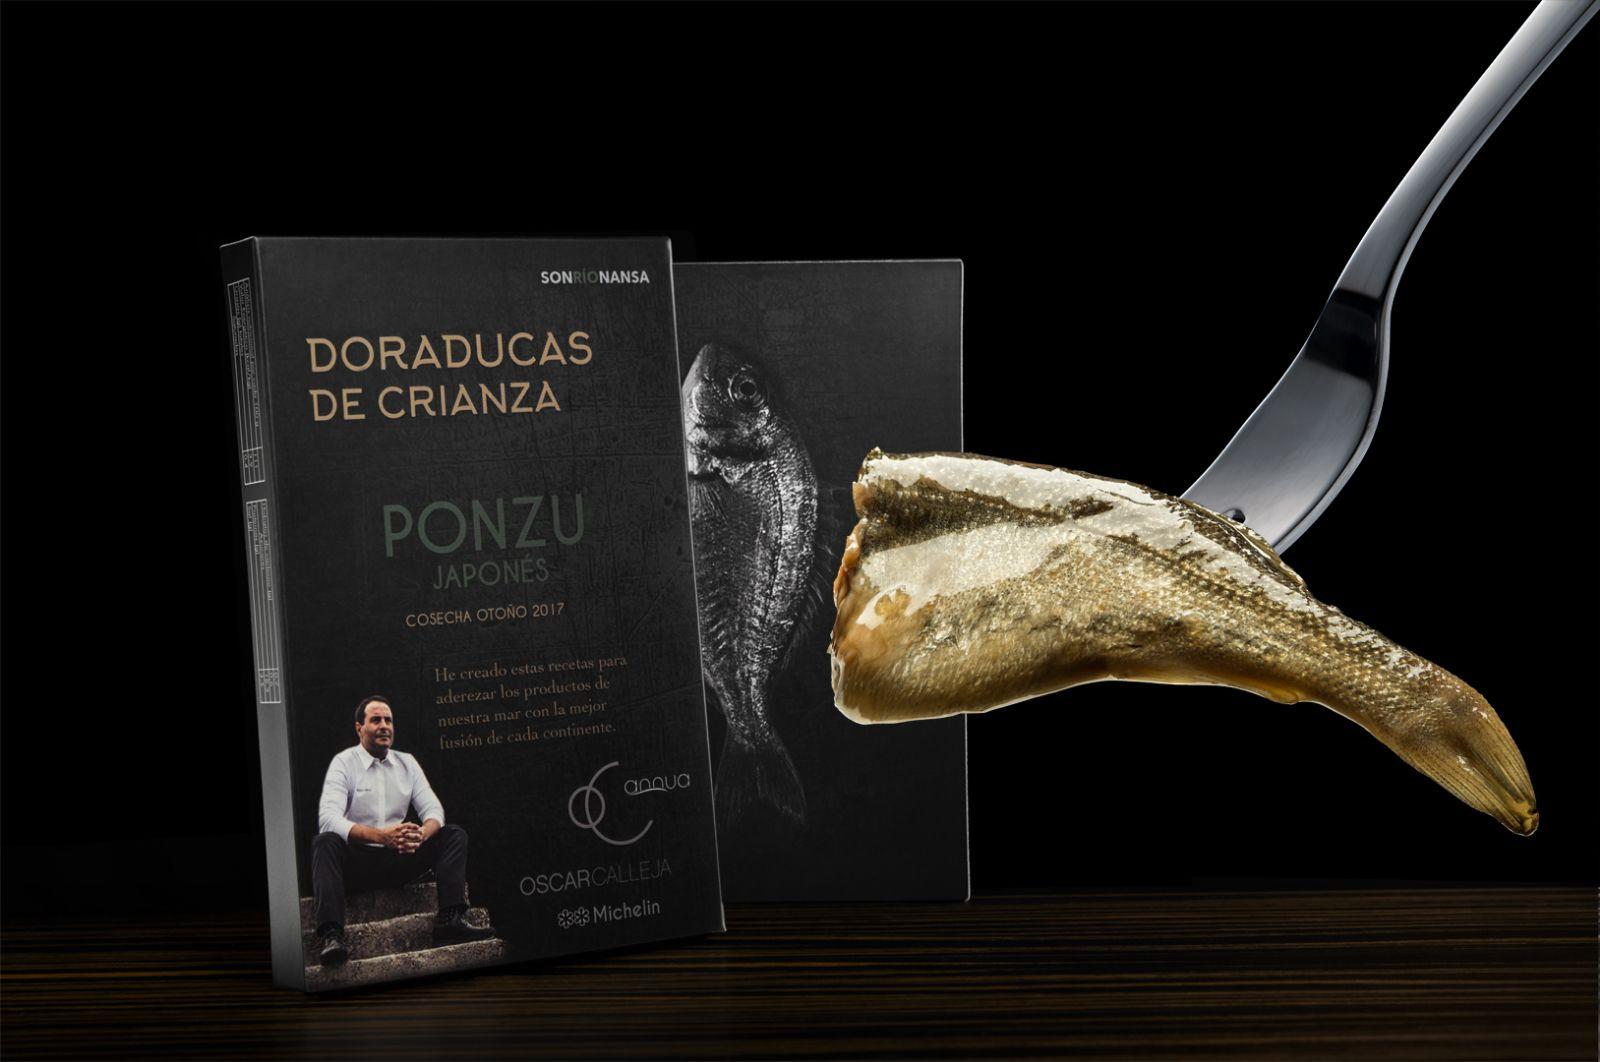 Doraducas Ponzu